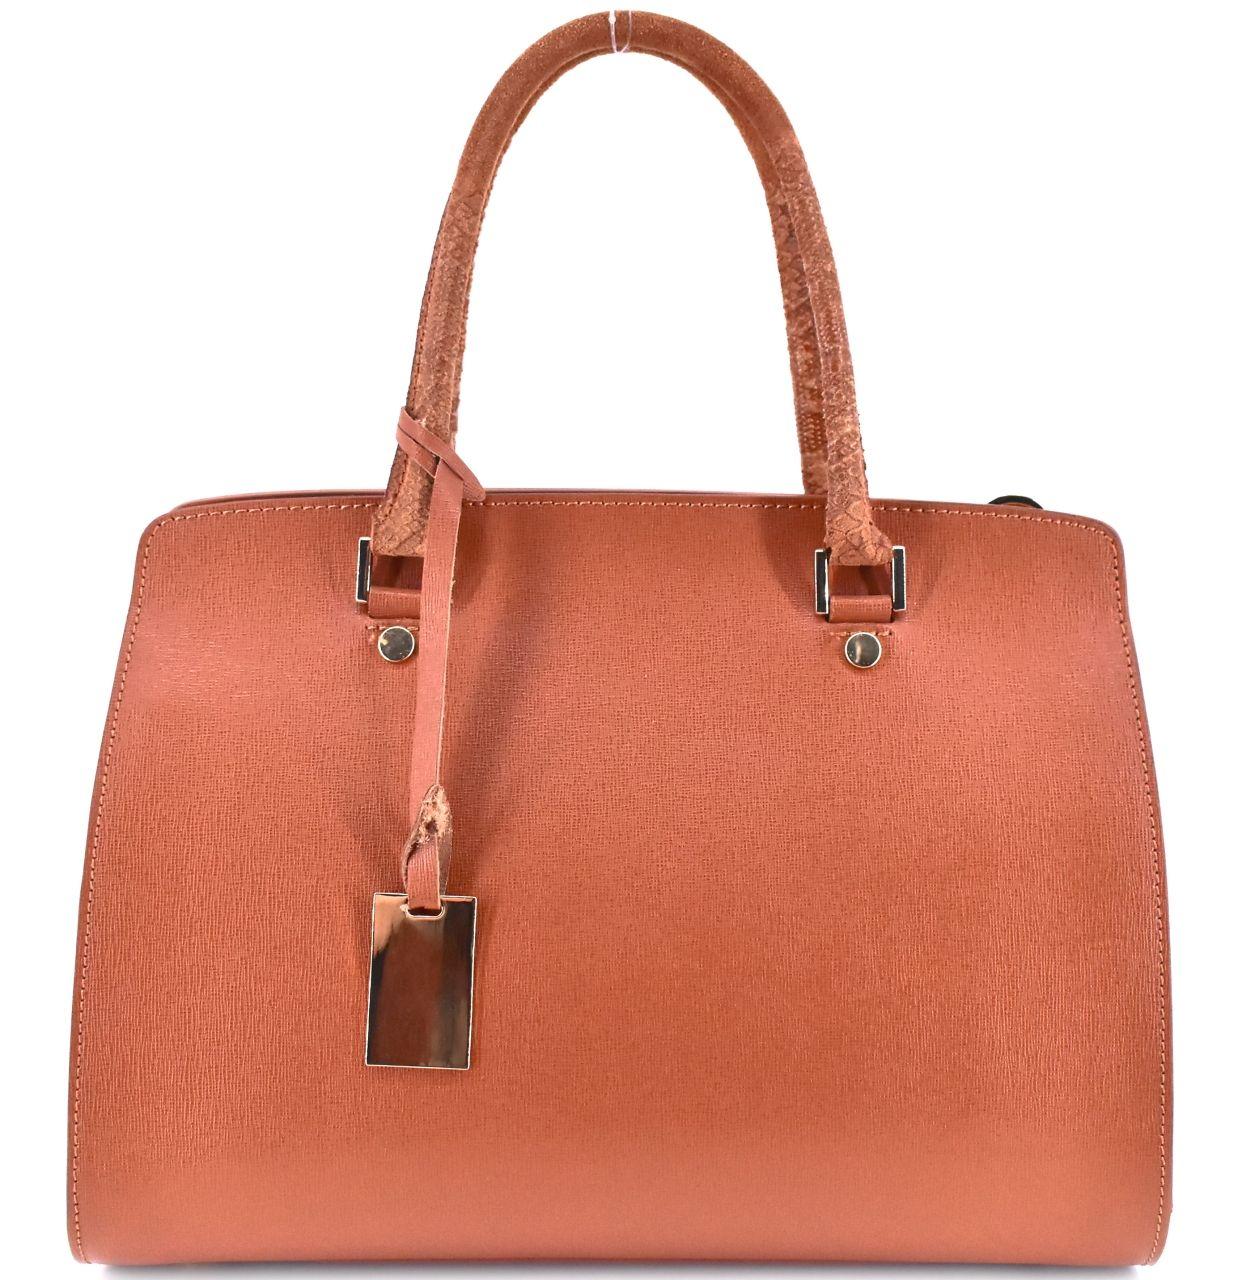 Luxusní dámská kožená kabelka Shopper - hnědá 31015